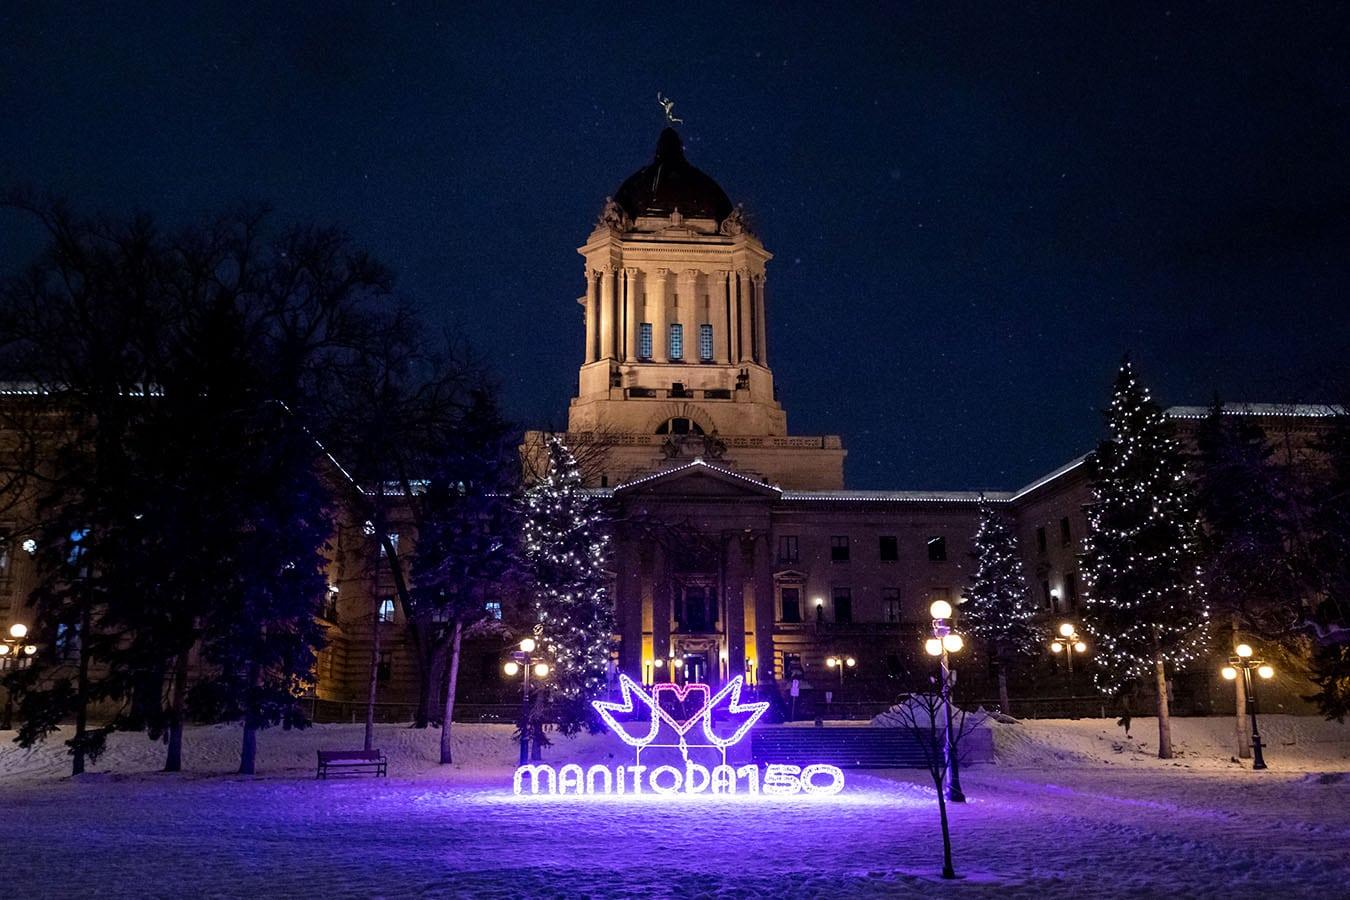 150 th Anniversary of Manitoba - Winnipeg